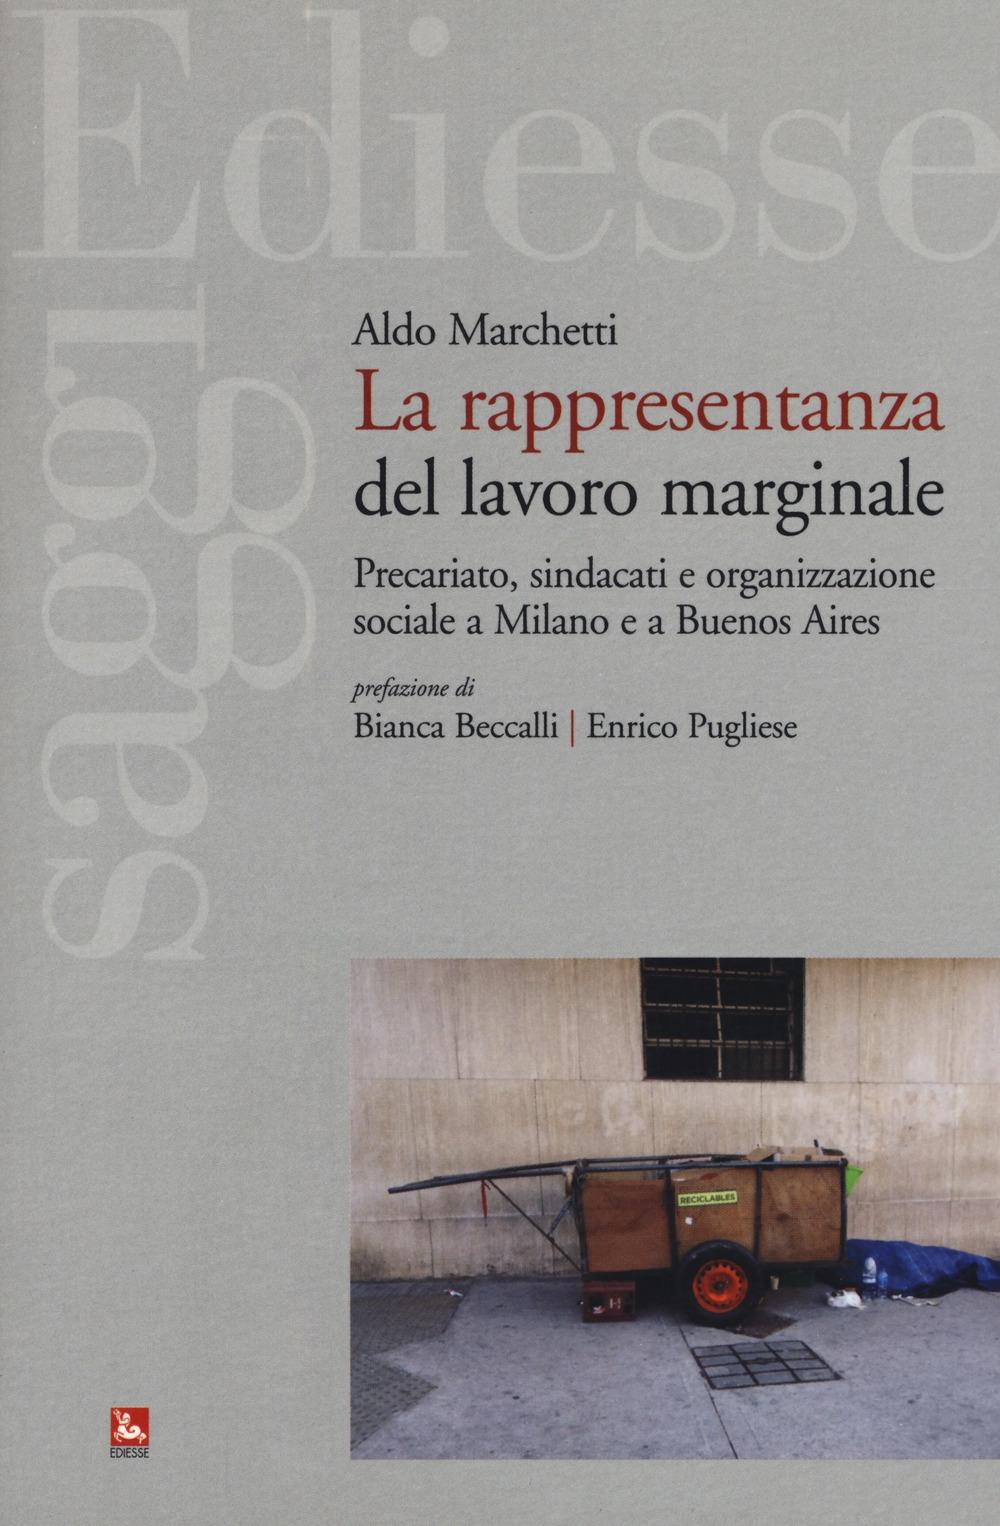 La rappresentanza del lavoro marginale. Precariato, sindacati e organizzazione sociale a Milano e a Buenos Aires